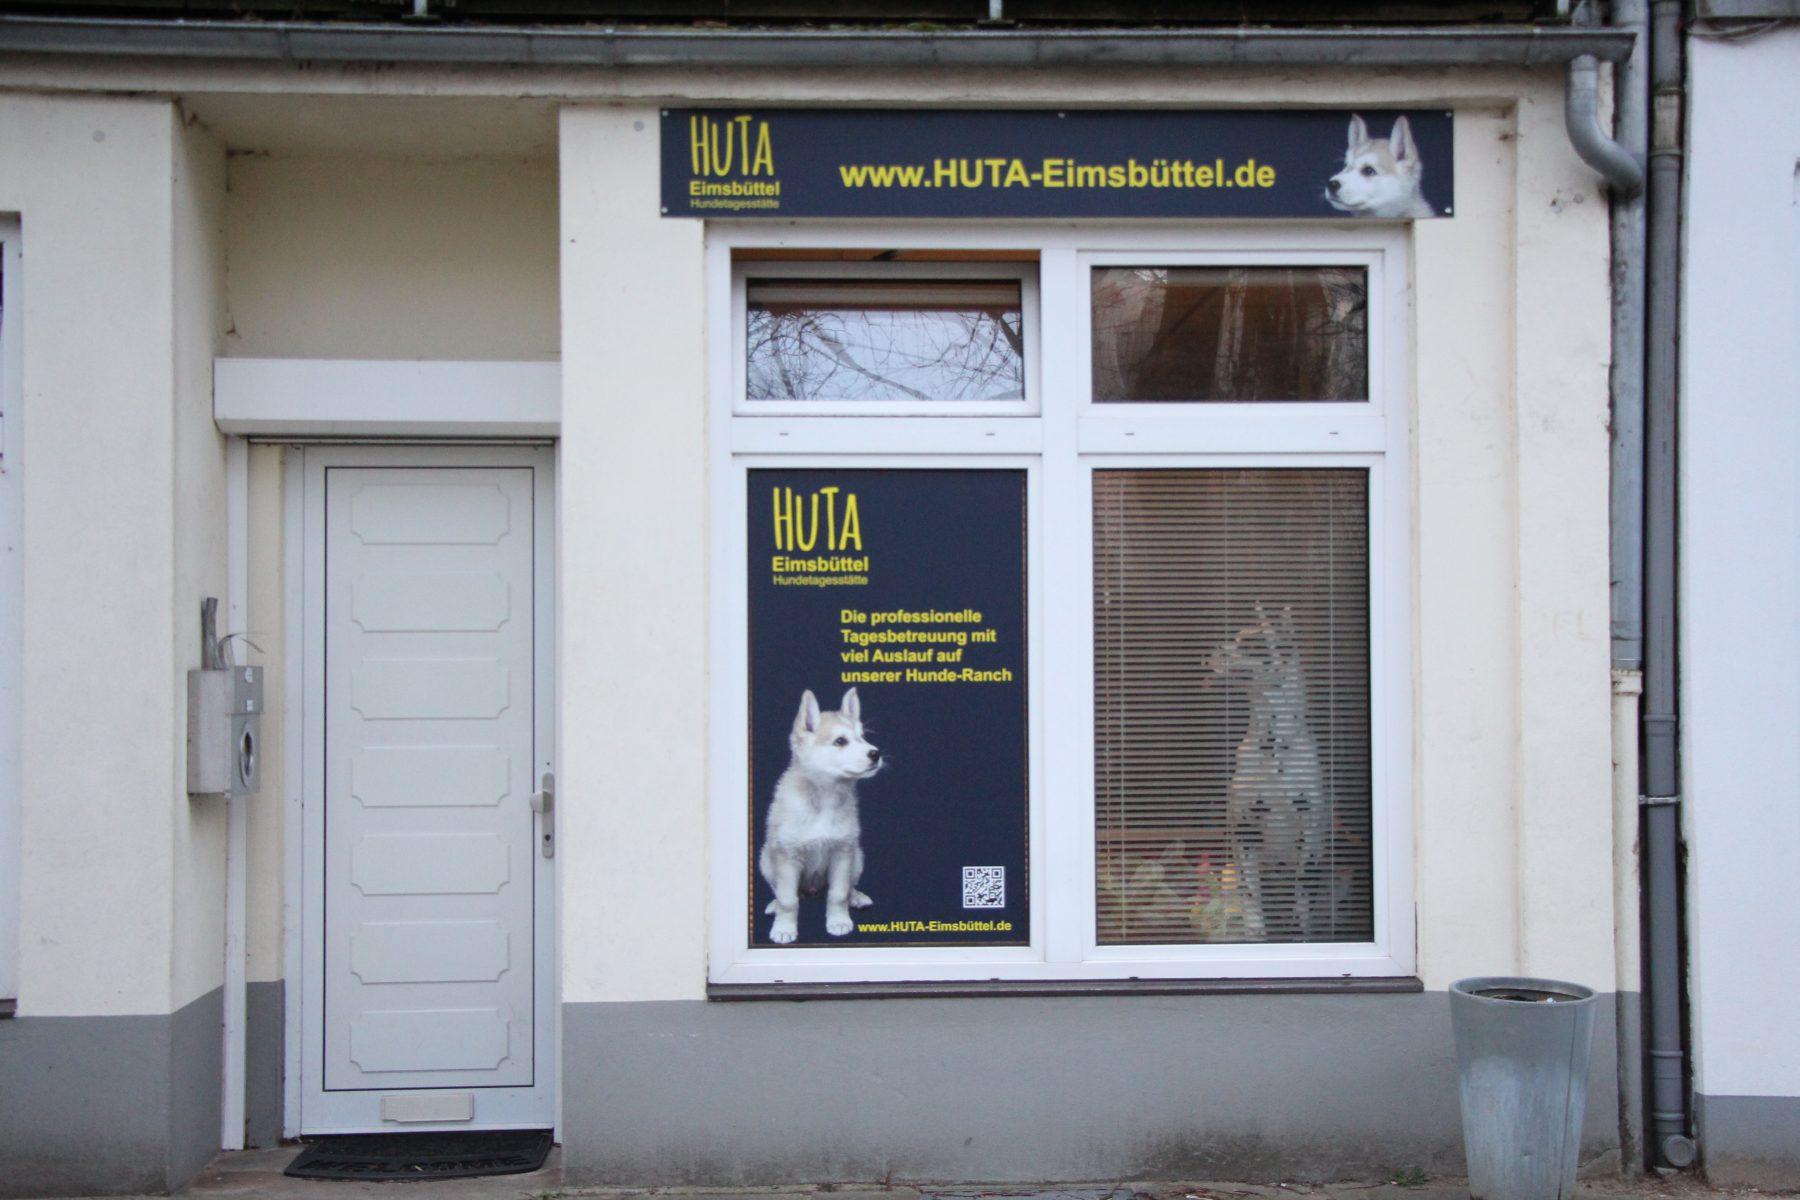 """Die """"HuTa Eimsbüttel"""" in der Telemannstraße. Foto: Sophia Kleiner"""